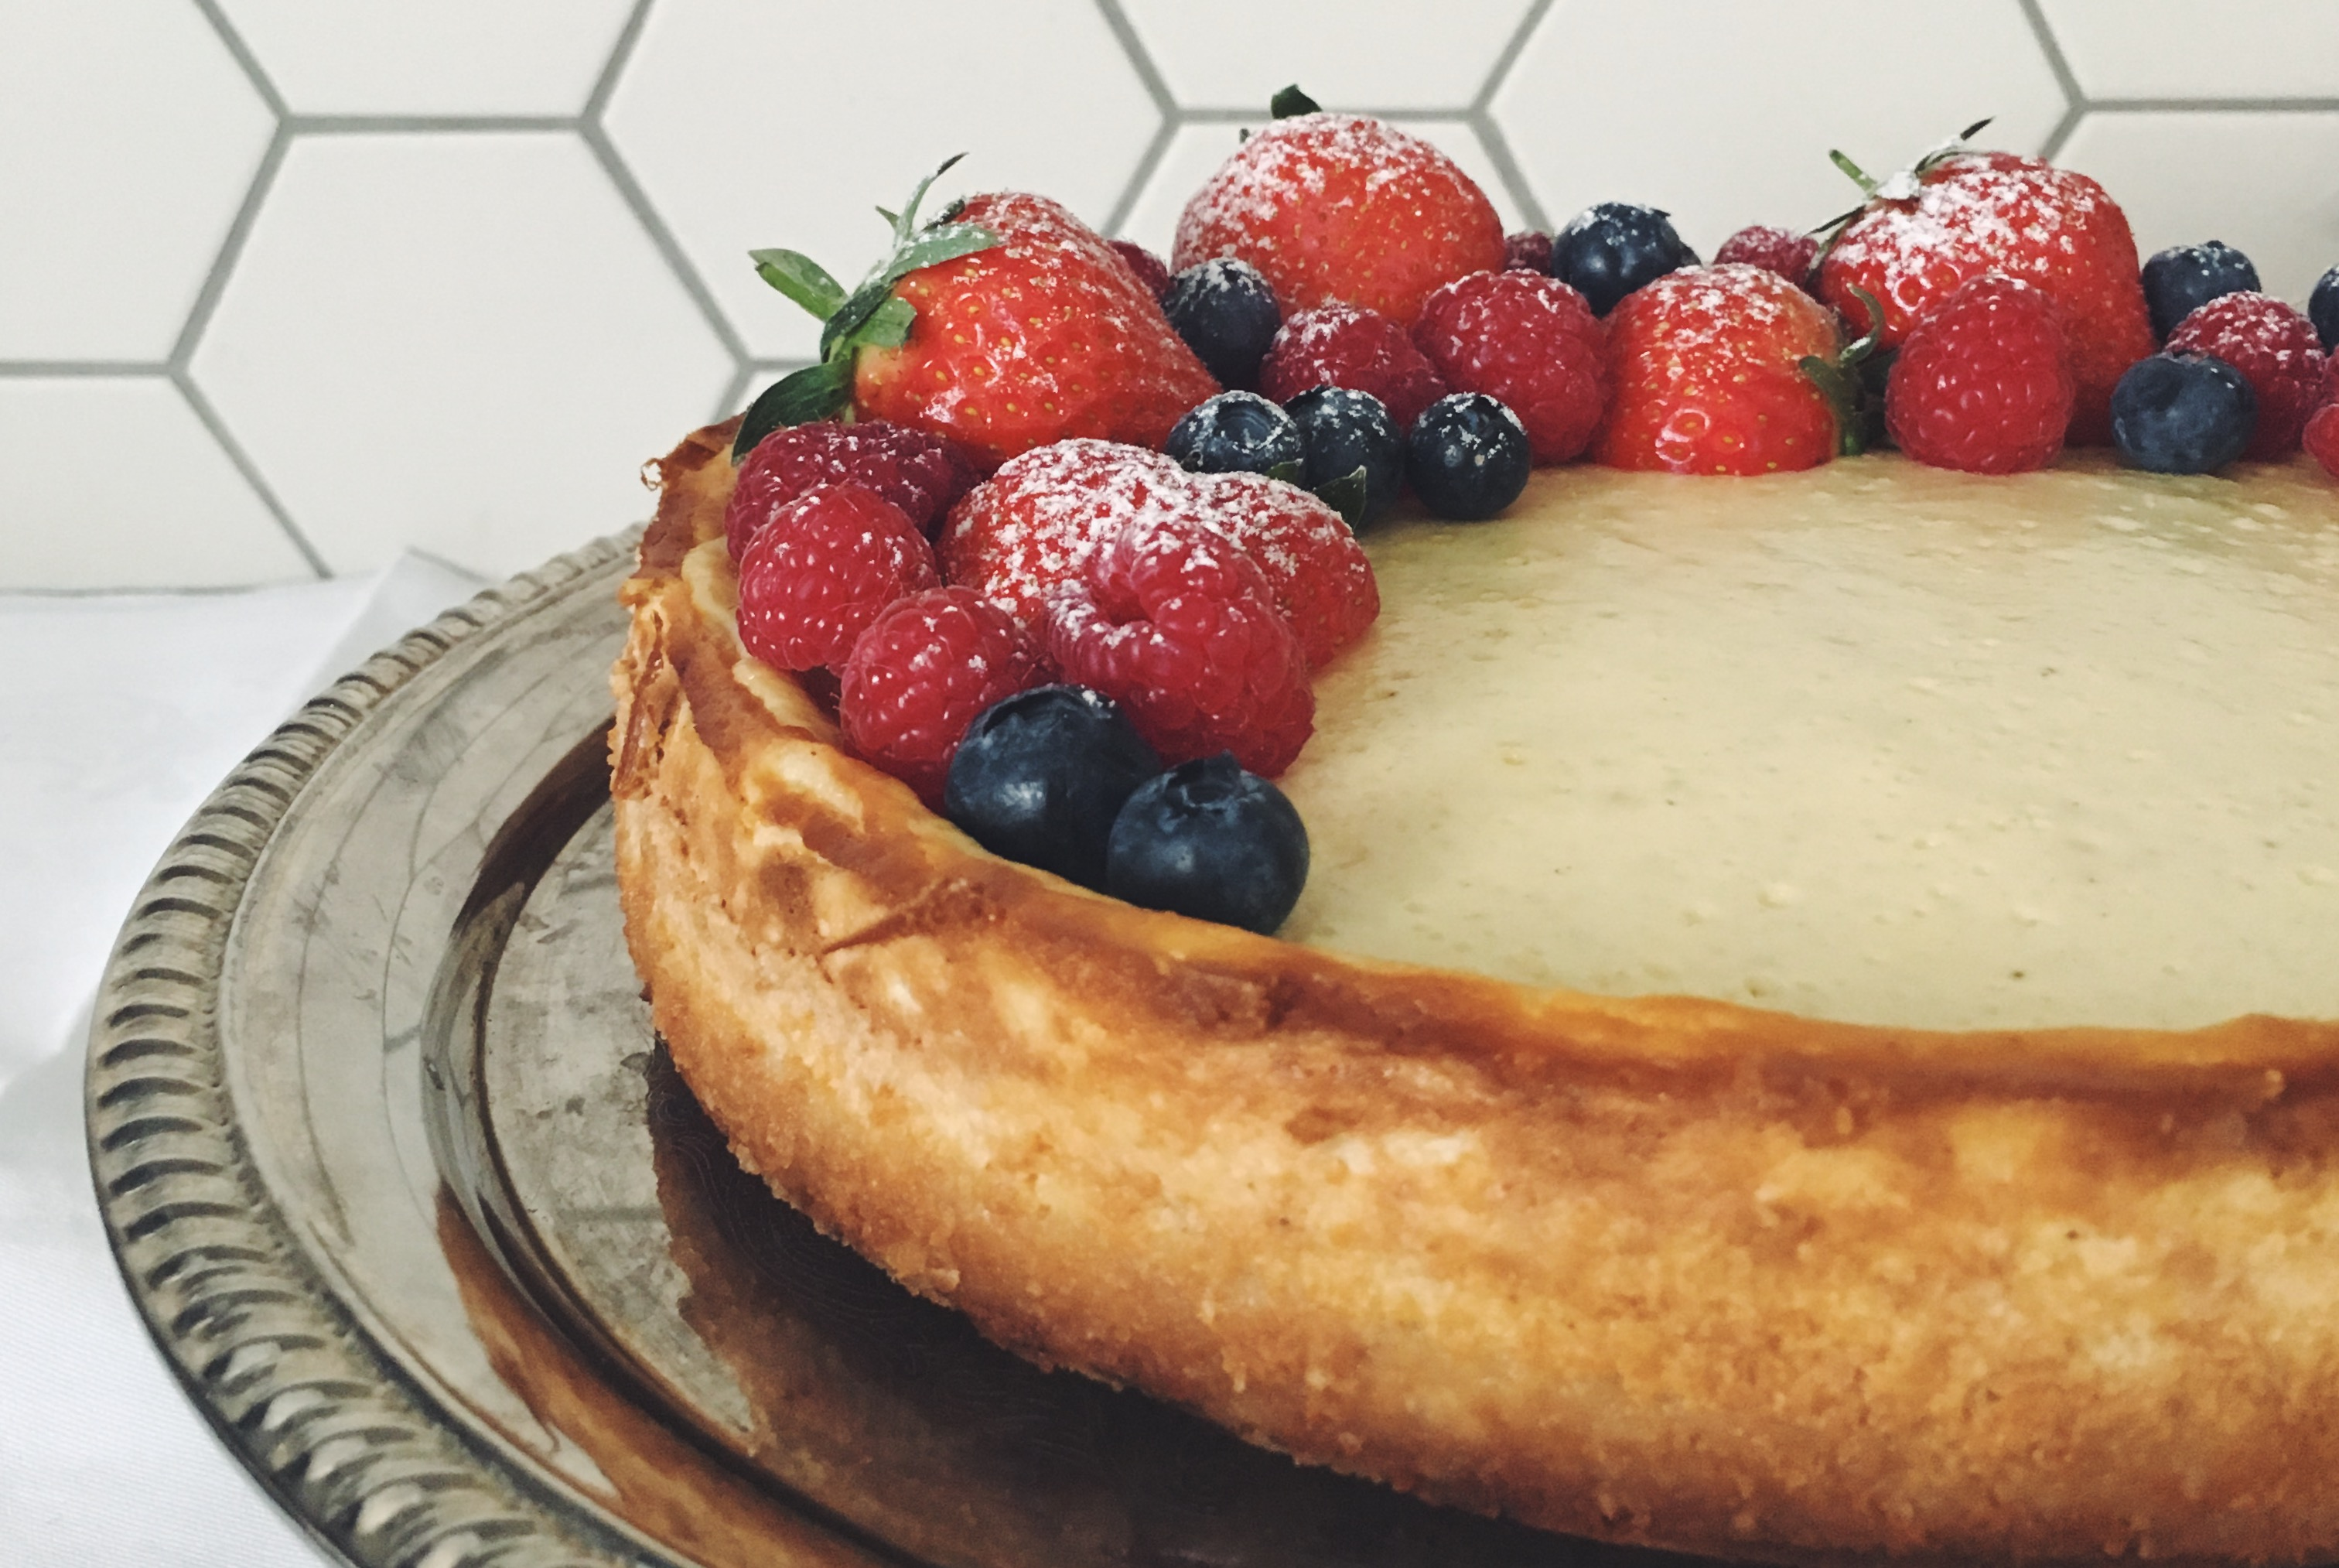 Der perfekte Cheesecake - mit Beeren und Himmbersauce